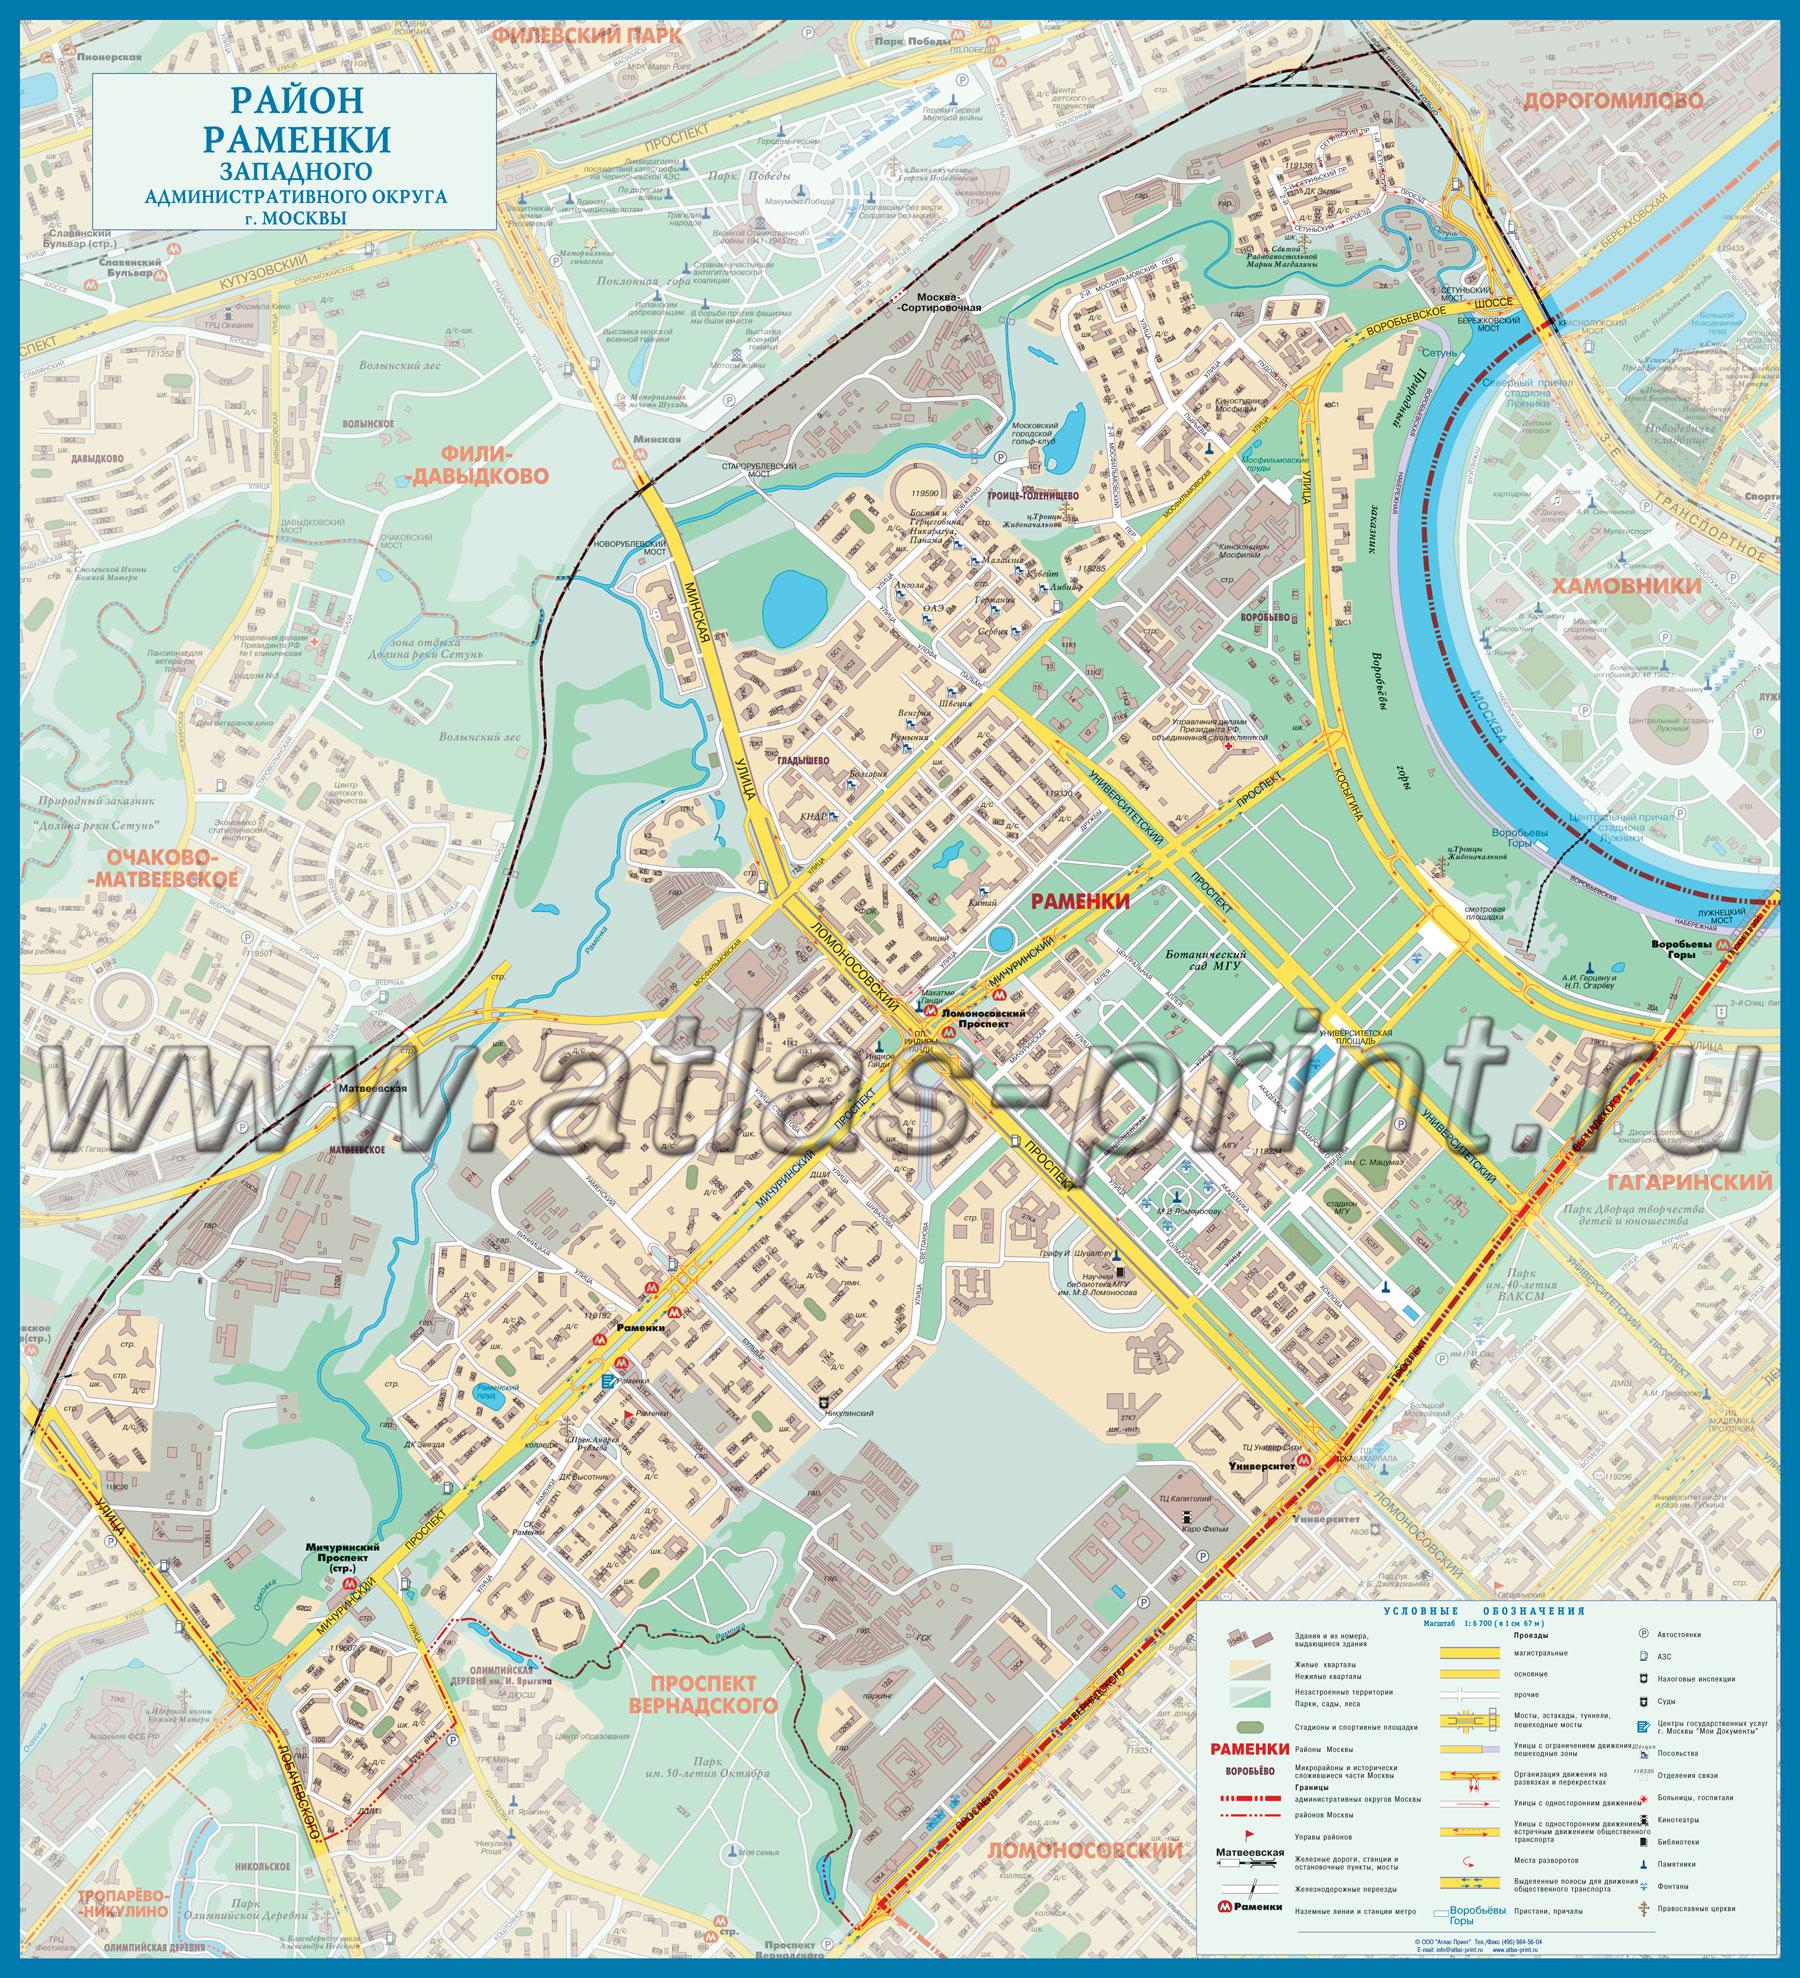 Настенная карта района РАМЕНКИ (ЗАО) г.Москвы 0,91*1,00 м, ламинированная